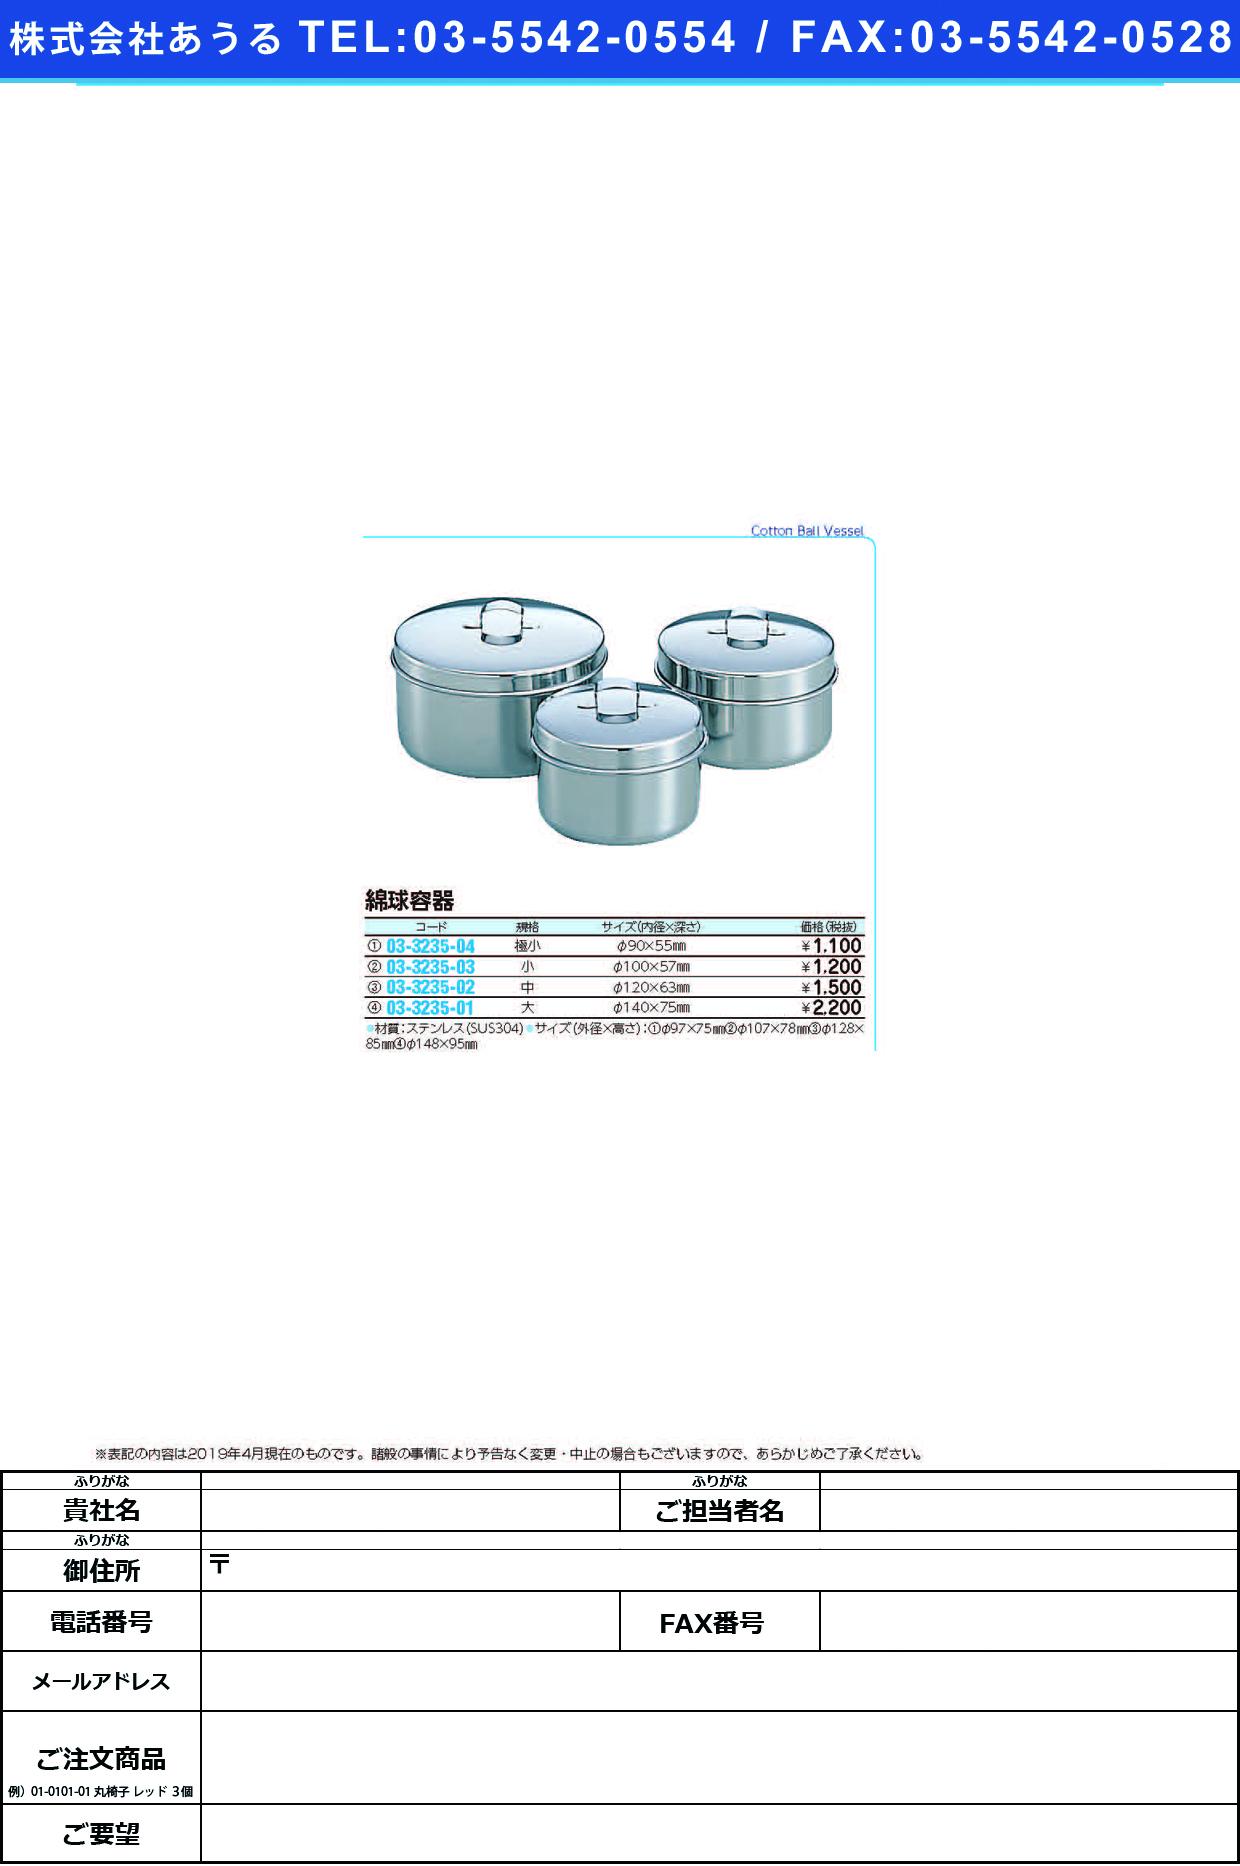 (03-3235-03)綿球容器(小) 100X57MM メンキュウヨウキ(ショウ)【1個単位】【2019年カタログ商品】